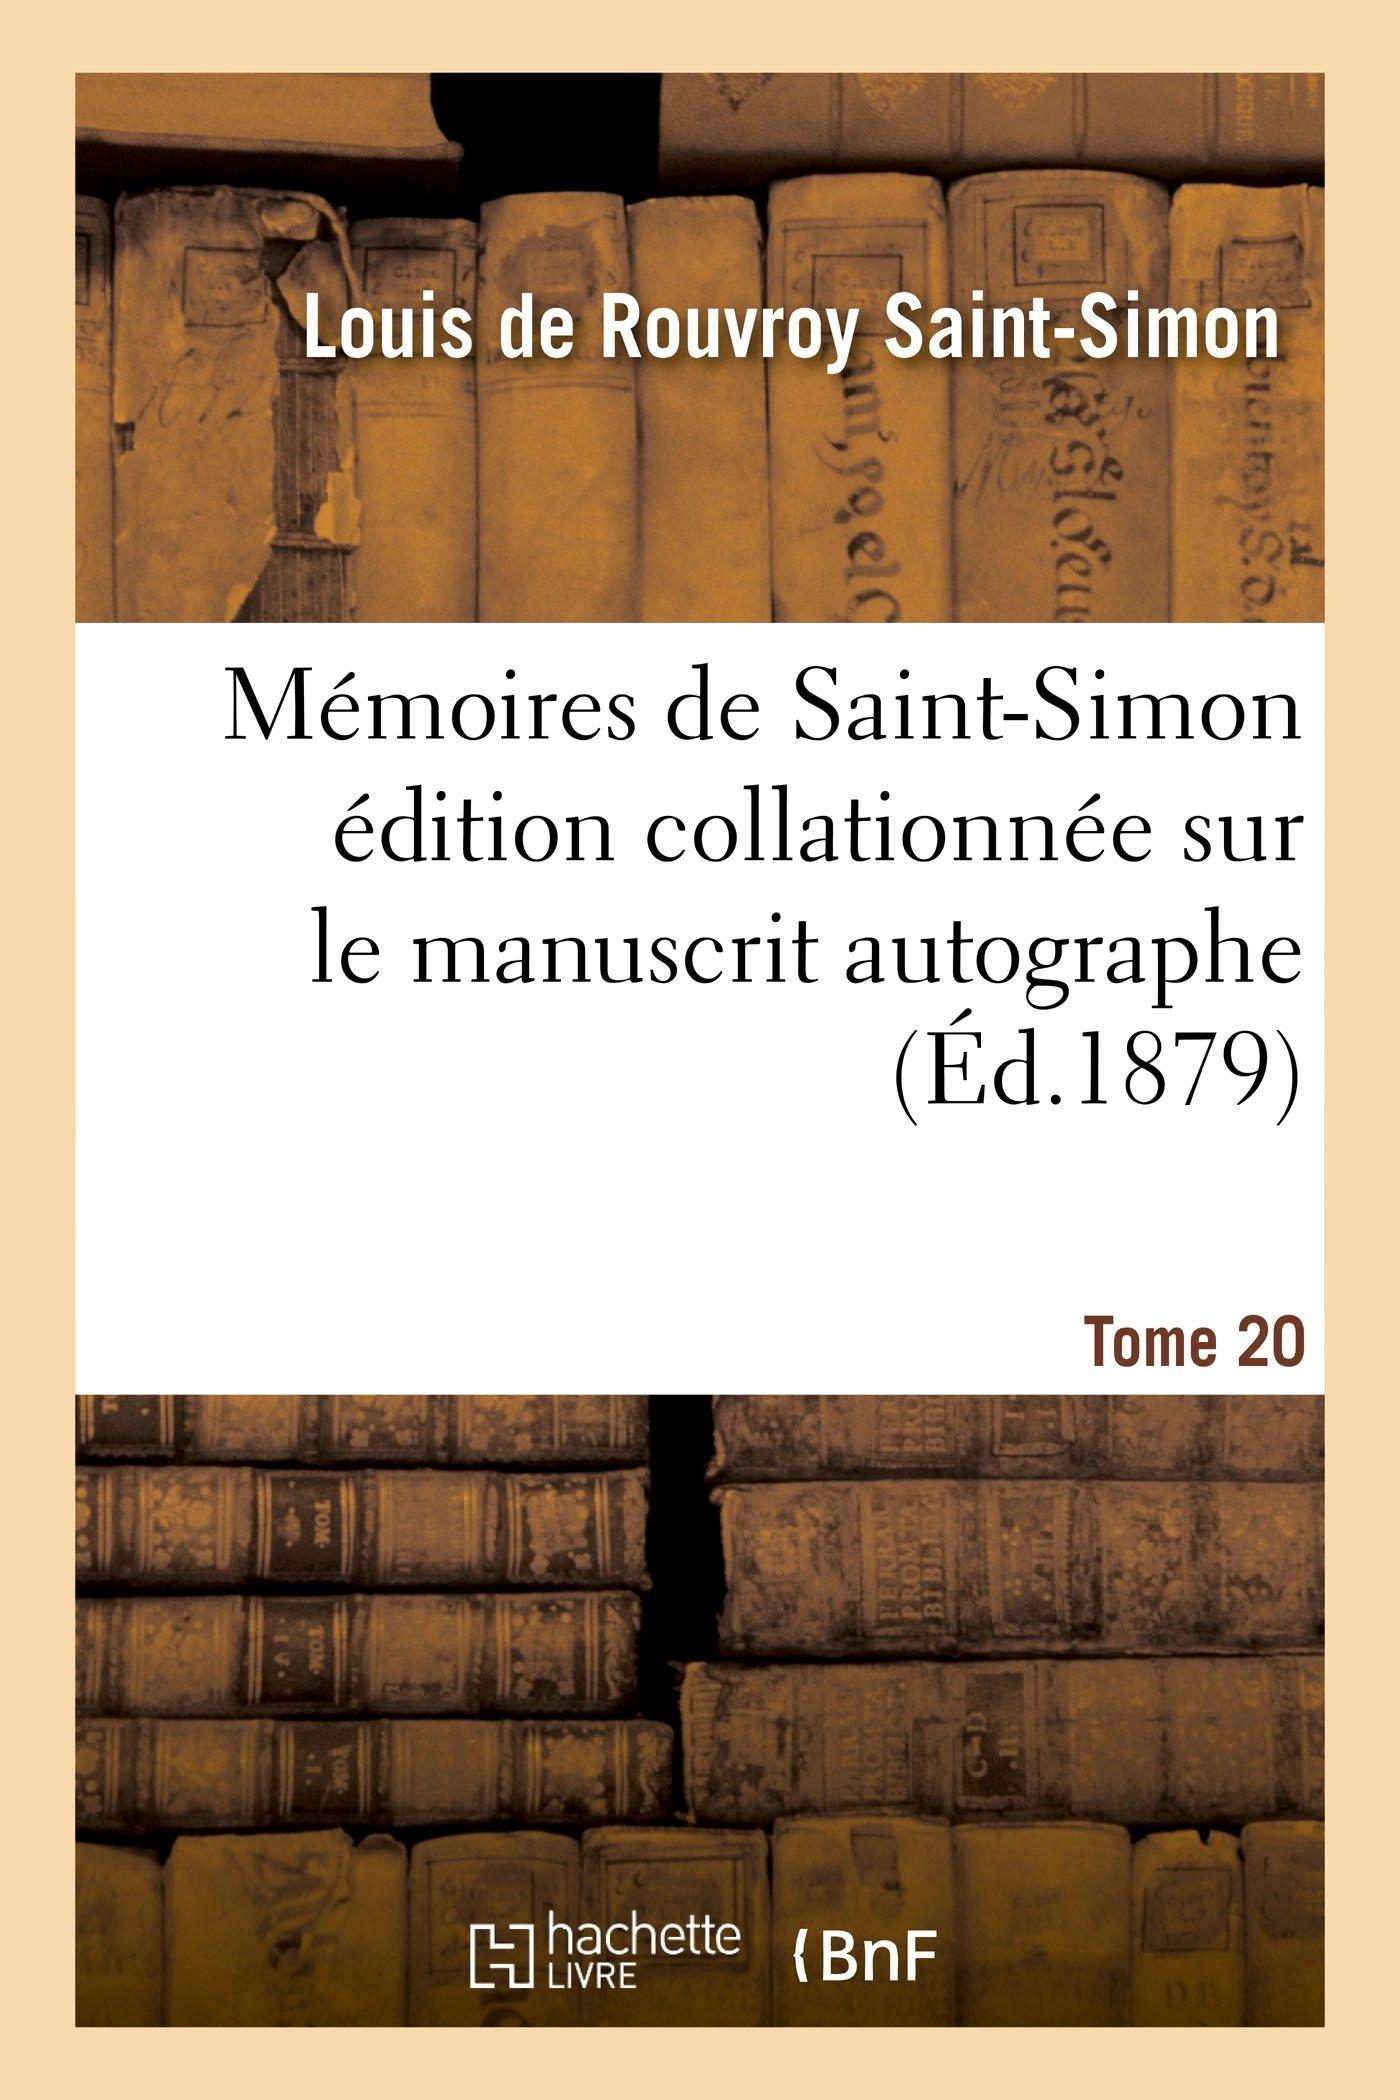 Download Mémoires de Saint-Simon Édition Collationnée Sur Le Manuscrit Autographe Tome 20 (Histoire) (French Edition) ebook